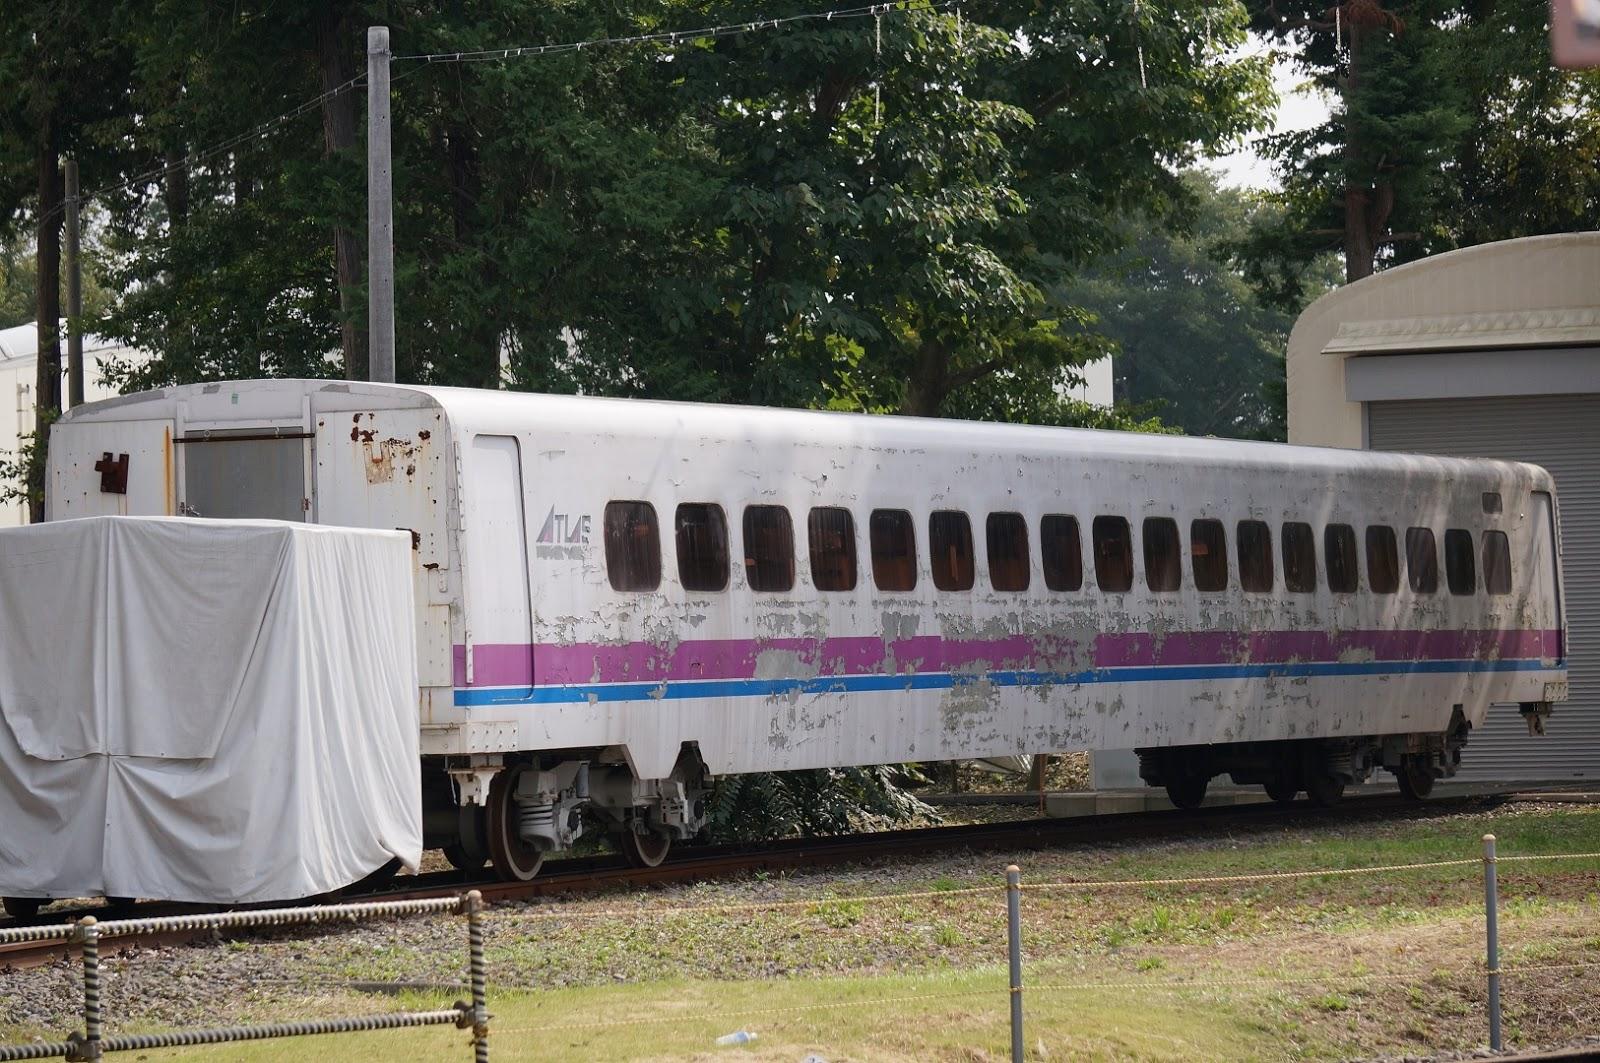 車体がボロボロの新幹線タイプの試験車両